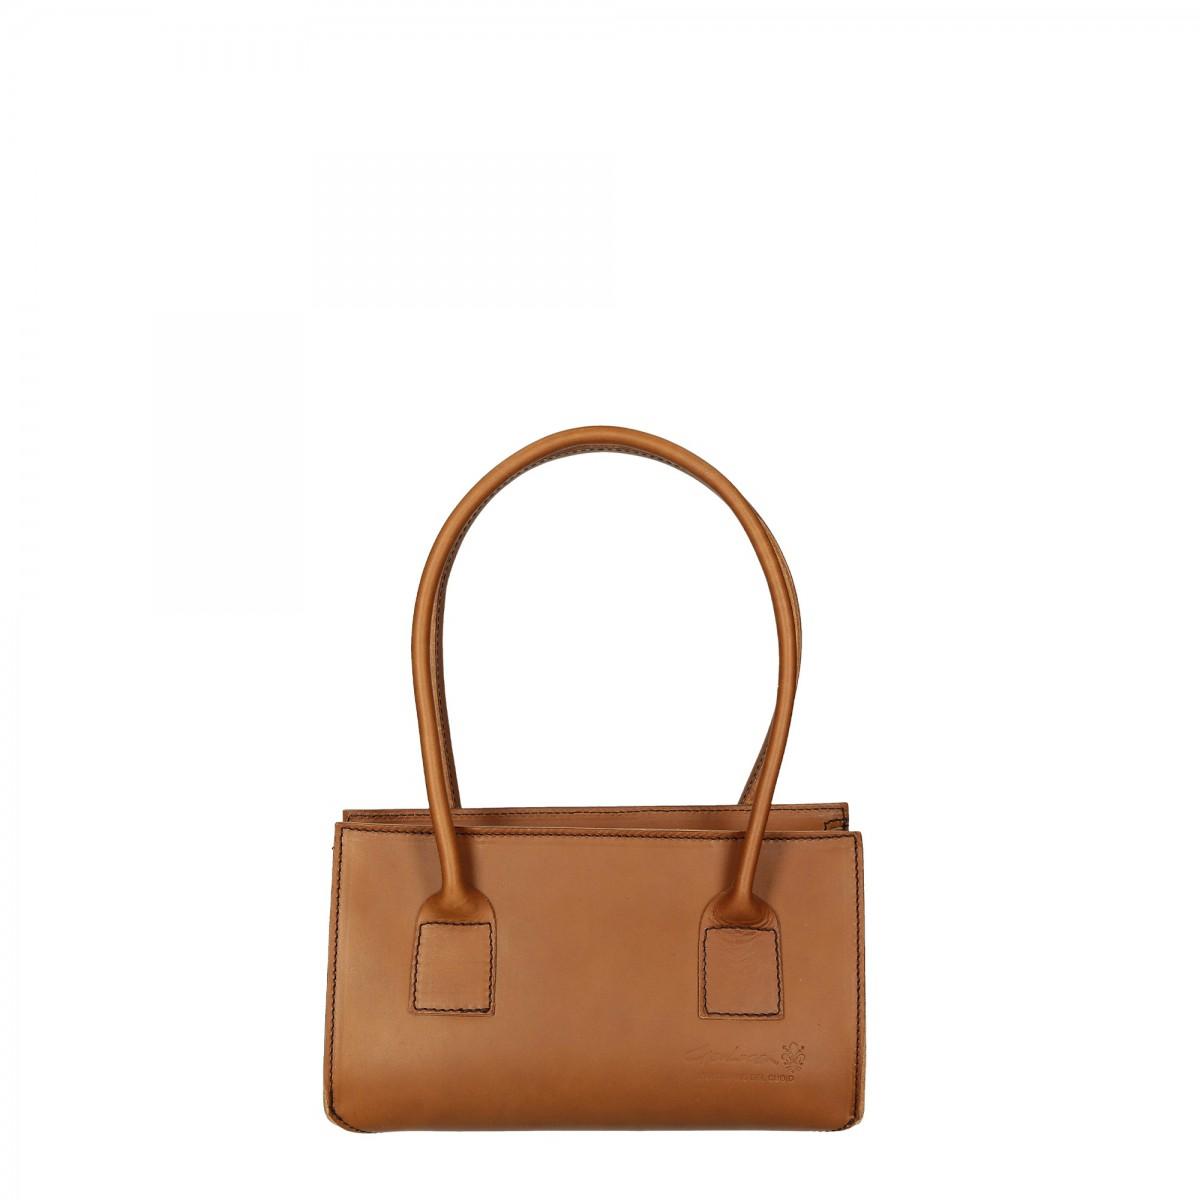 356f829c3c430 Hand gefertigte Damen-Handtasche aus beigem italienischem Leder ...